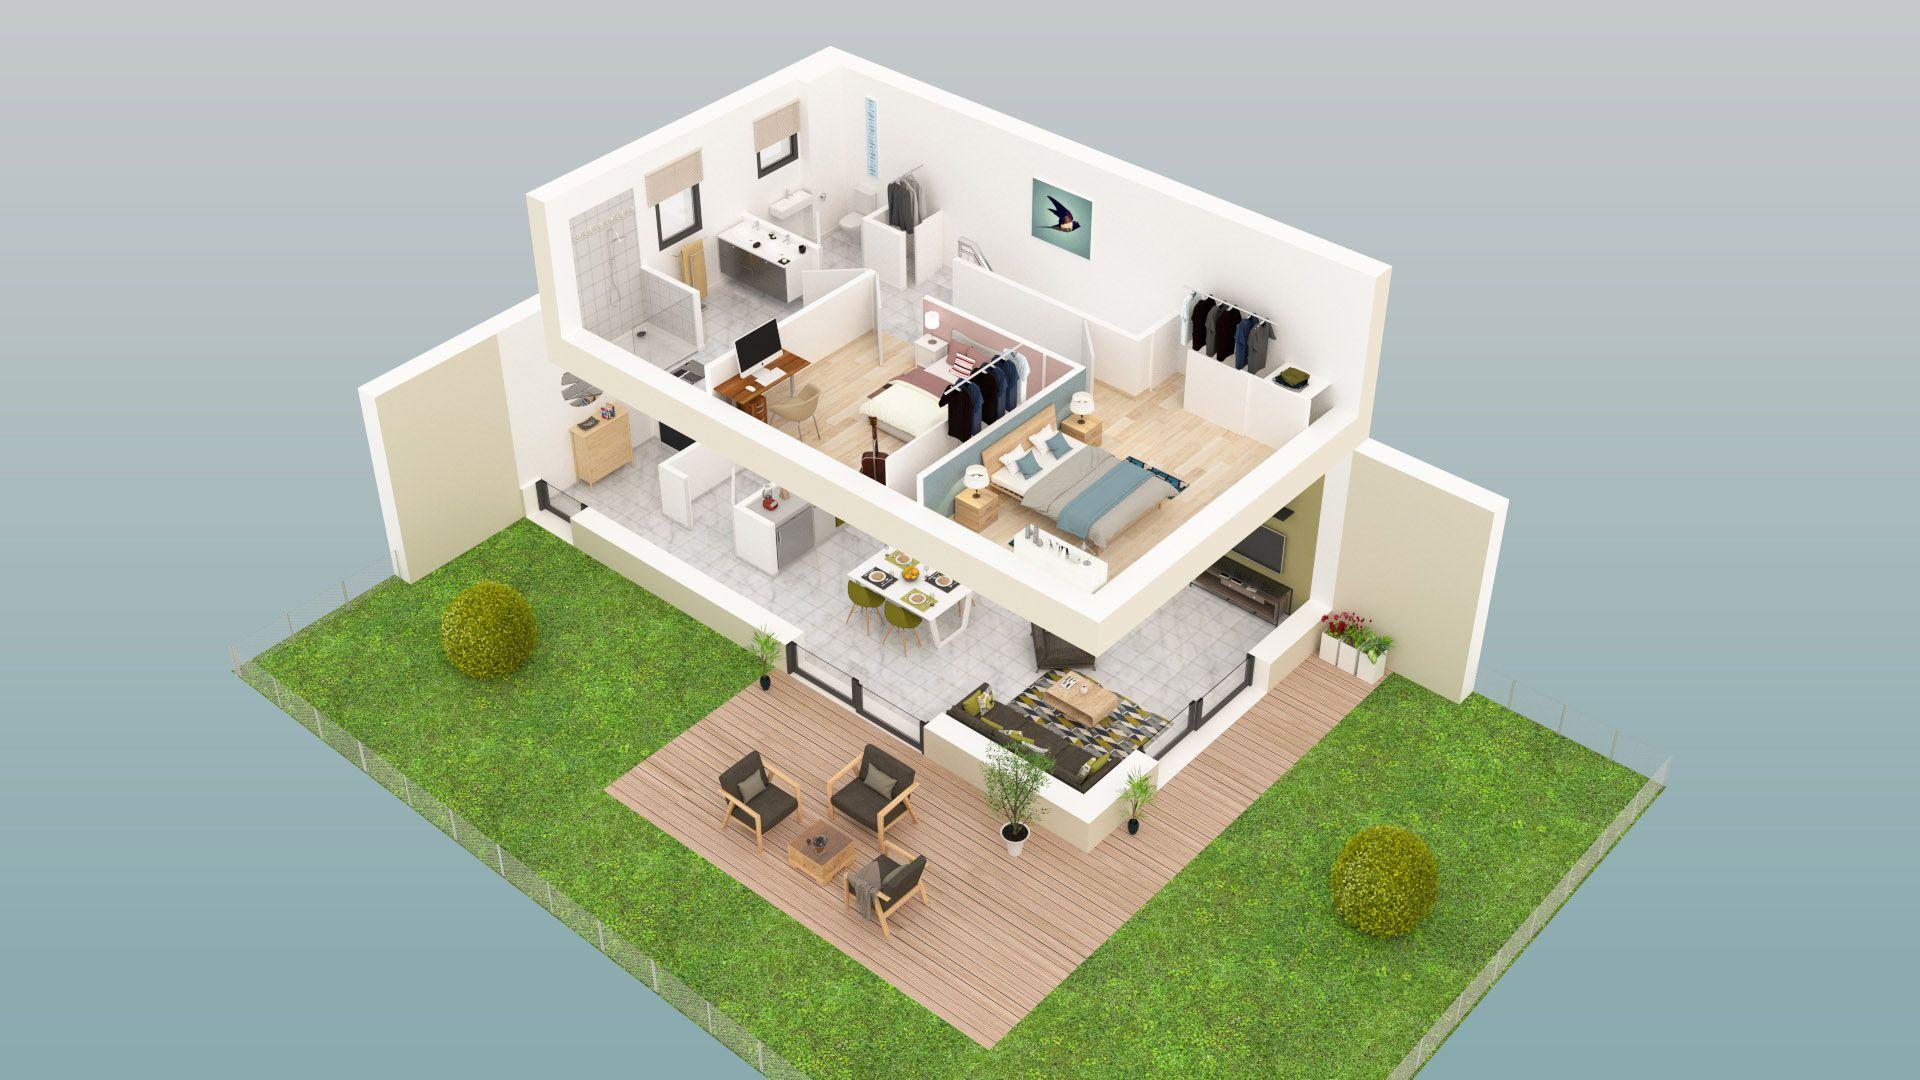 Plan 3d de létage dune maison de la résidence la prima situé